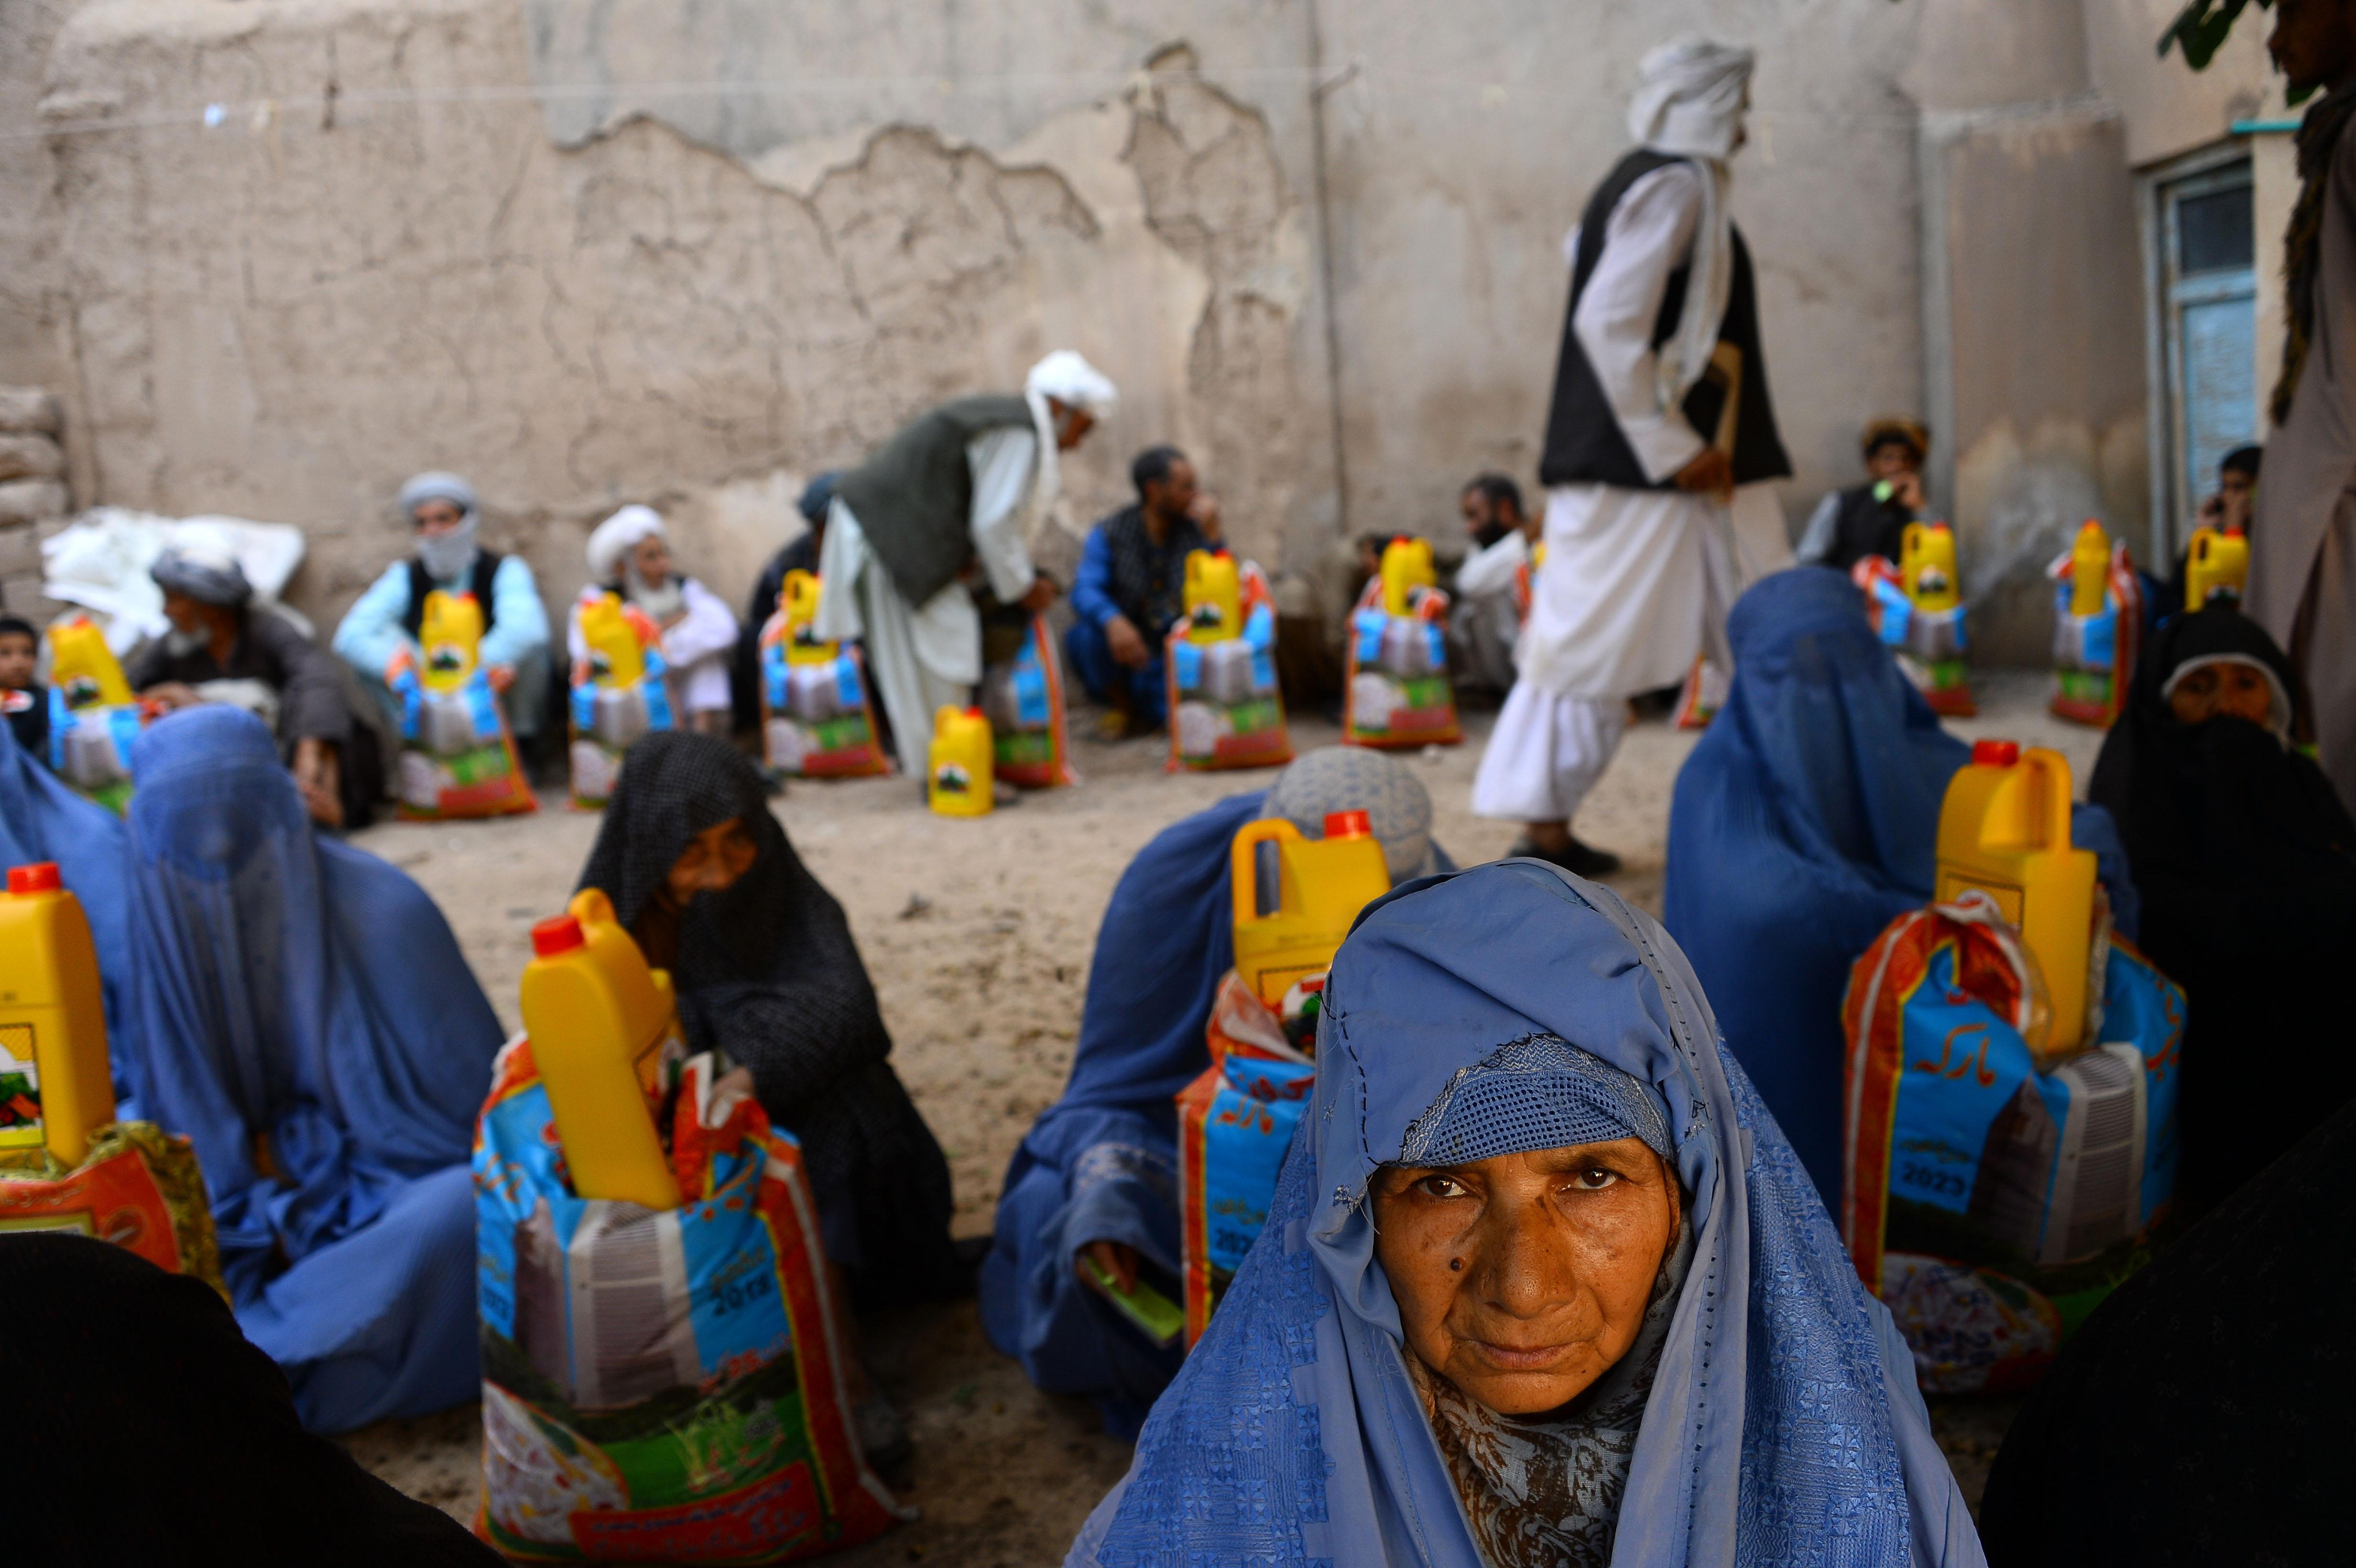 Ostonada afg'on ayollarining huquq va imkoniyatlarini kengaytirish masalasi muhokama etildi